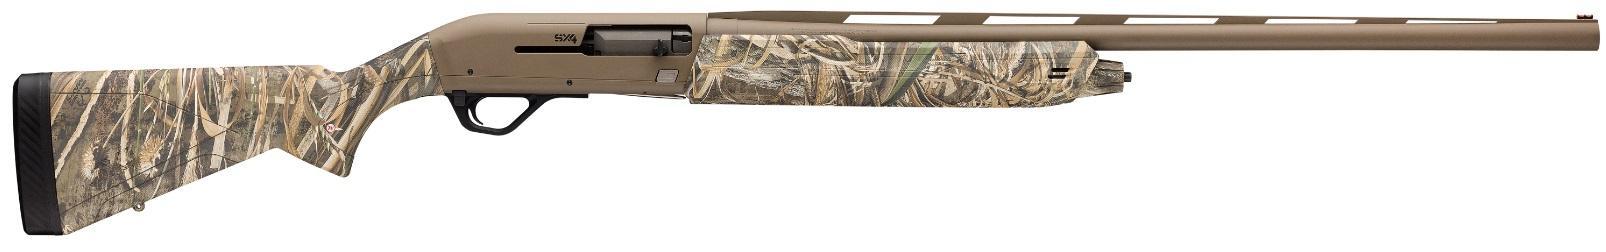 Winchester Guns 511234391 SX4 Hybrid Hunter 12 Gauge 26